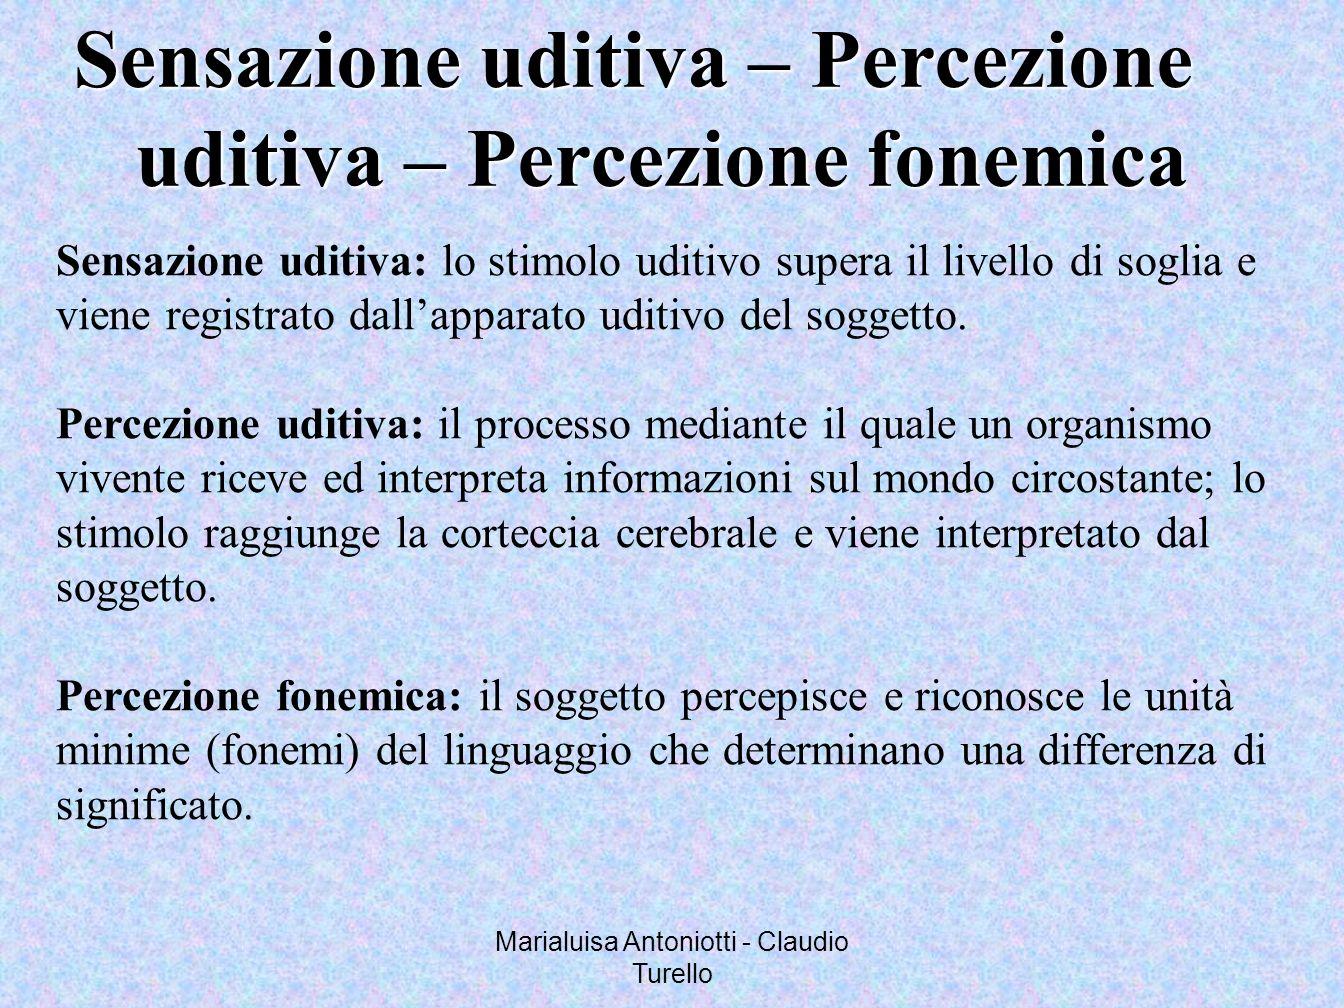 Marialuisa Antoniotti - Claudio Turello Sensazione uditiva – Percezione uditiva – Percezione fonemica uditiva – Percezione fonemica Sensazione uditiva